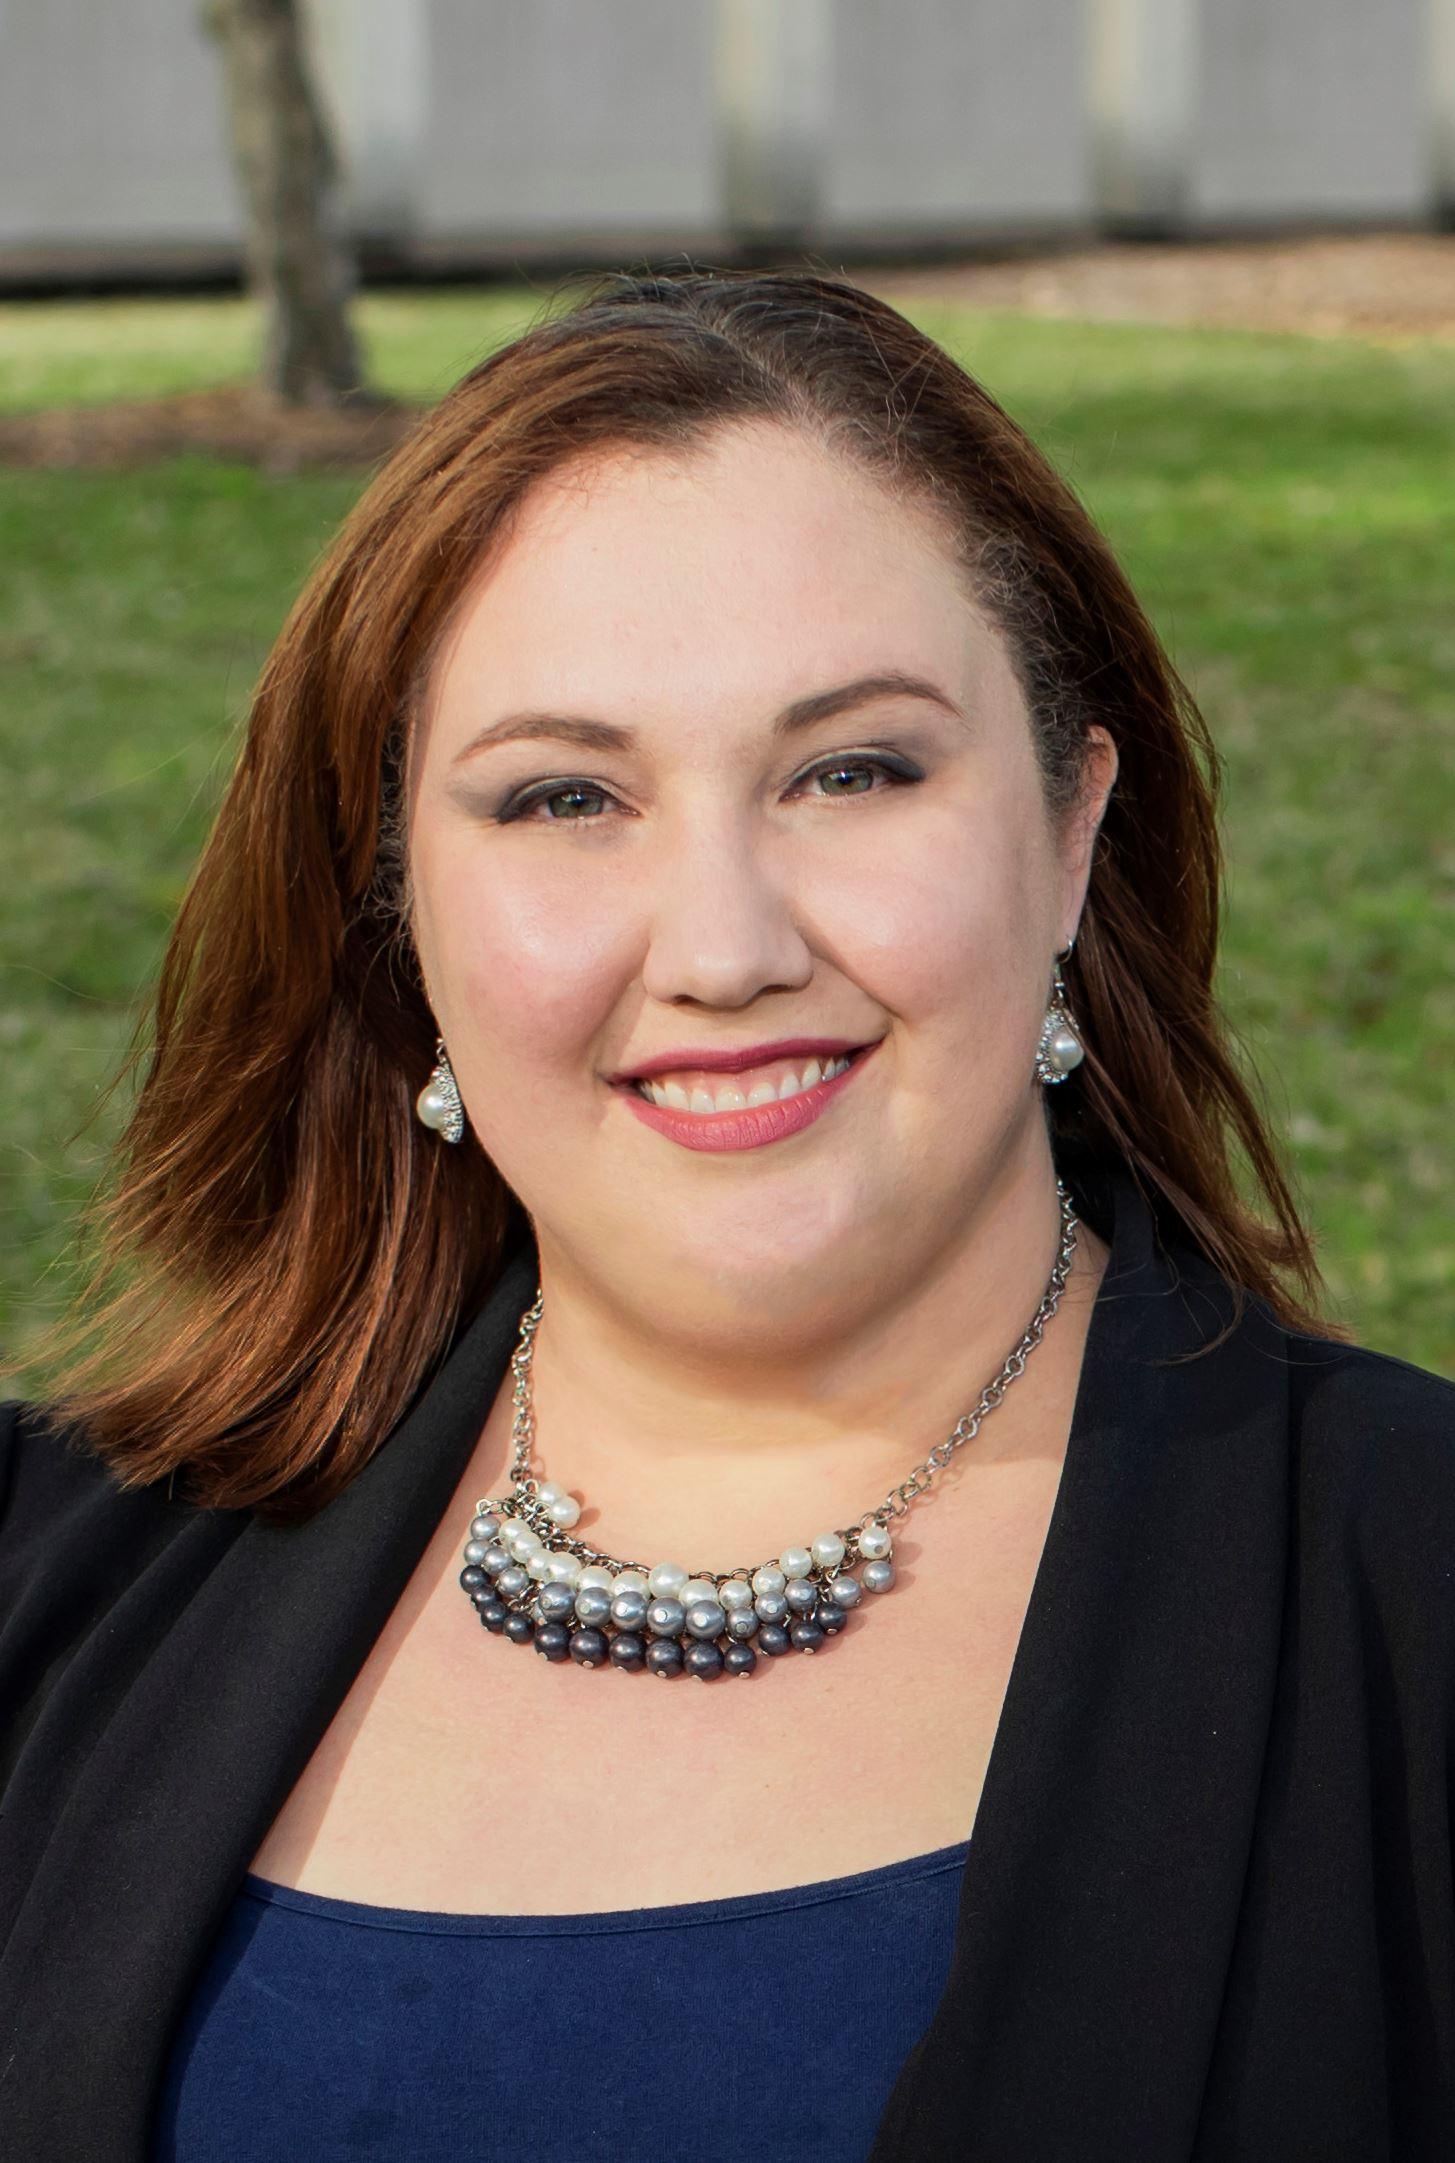 Michelle Villarreal